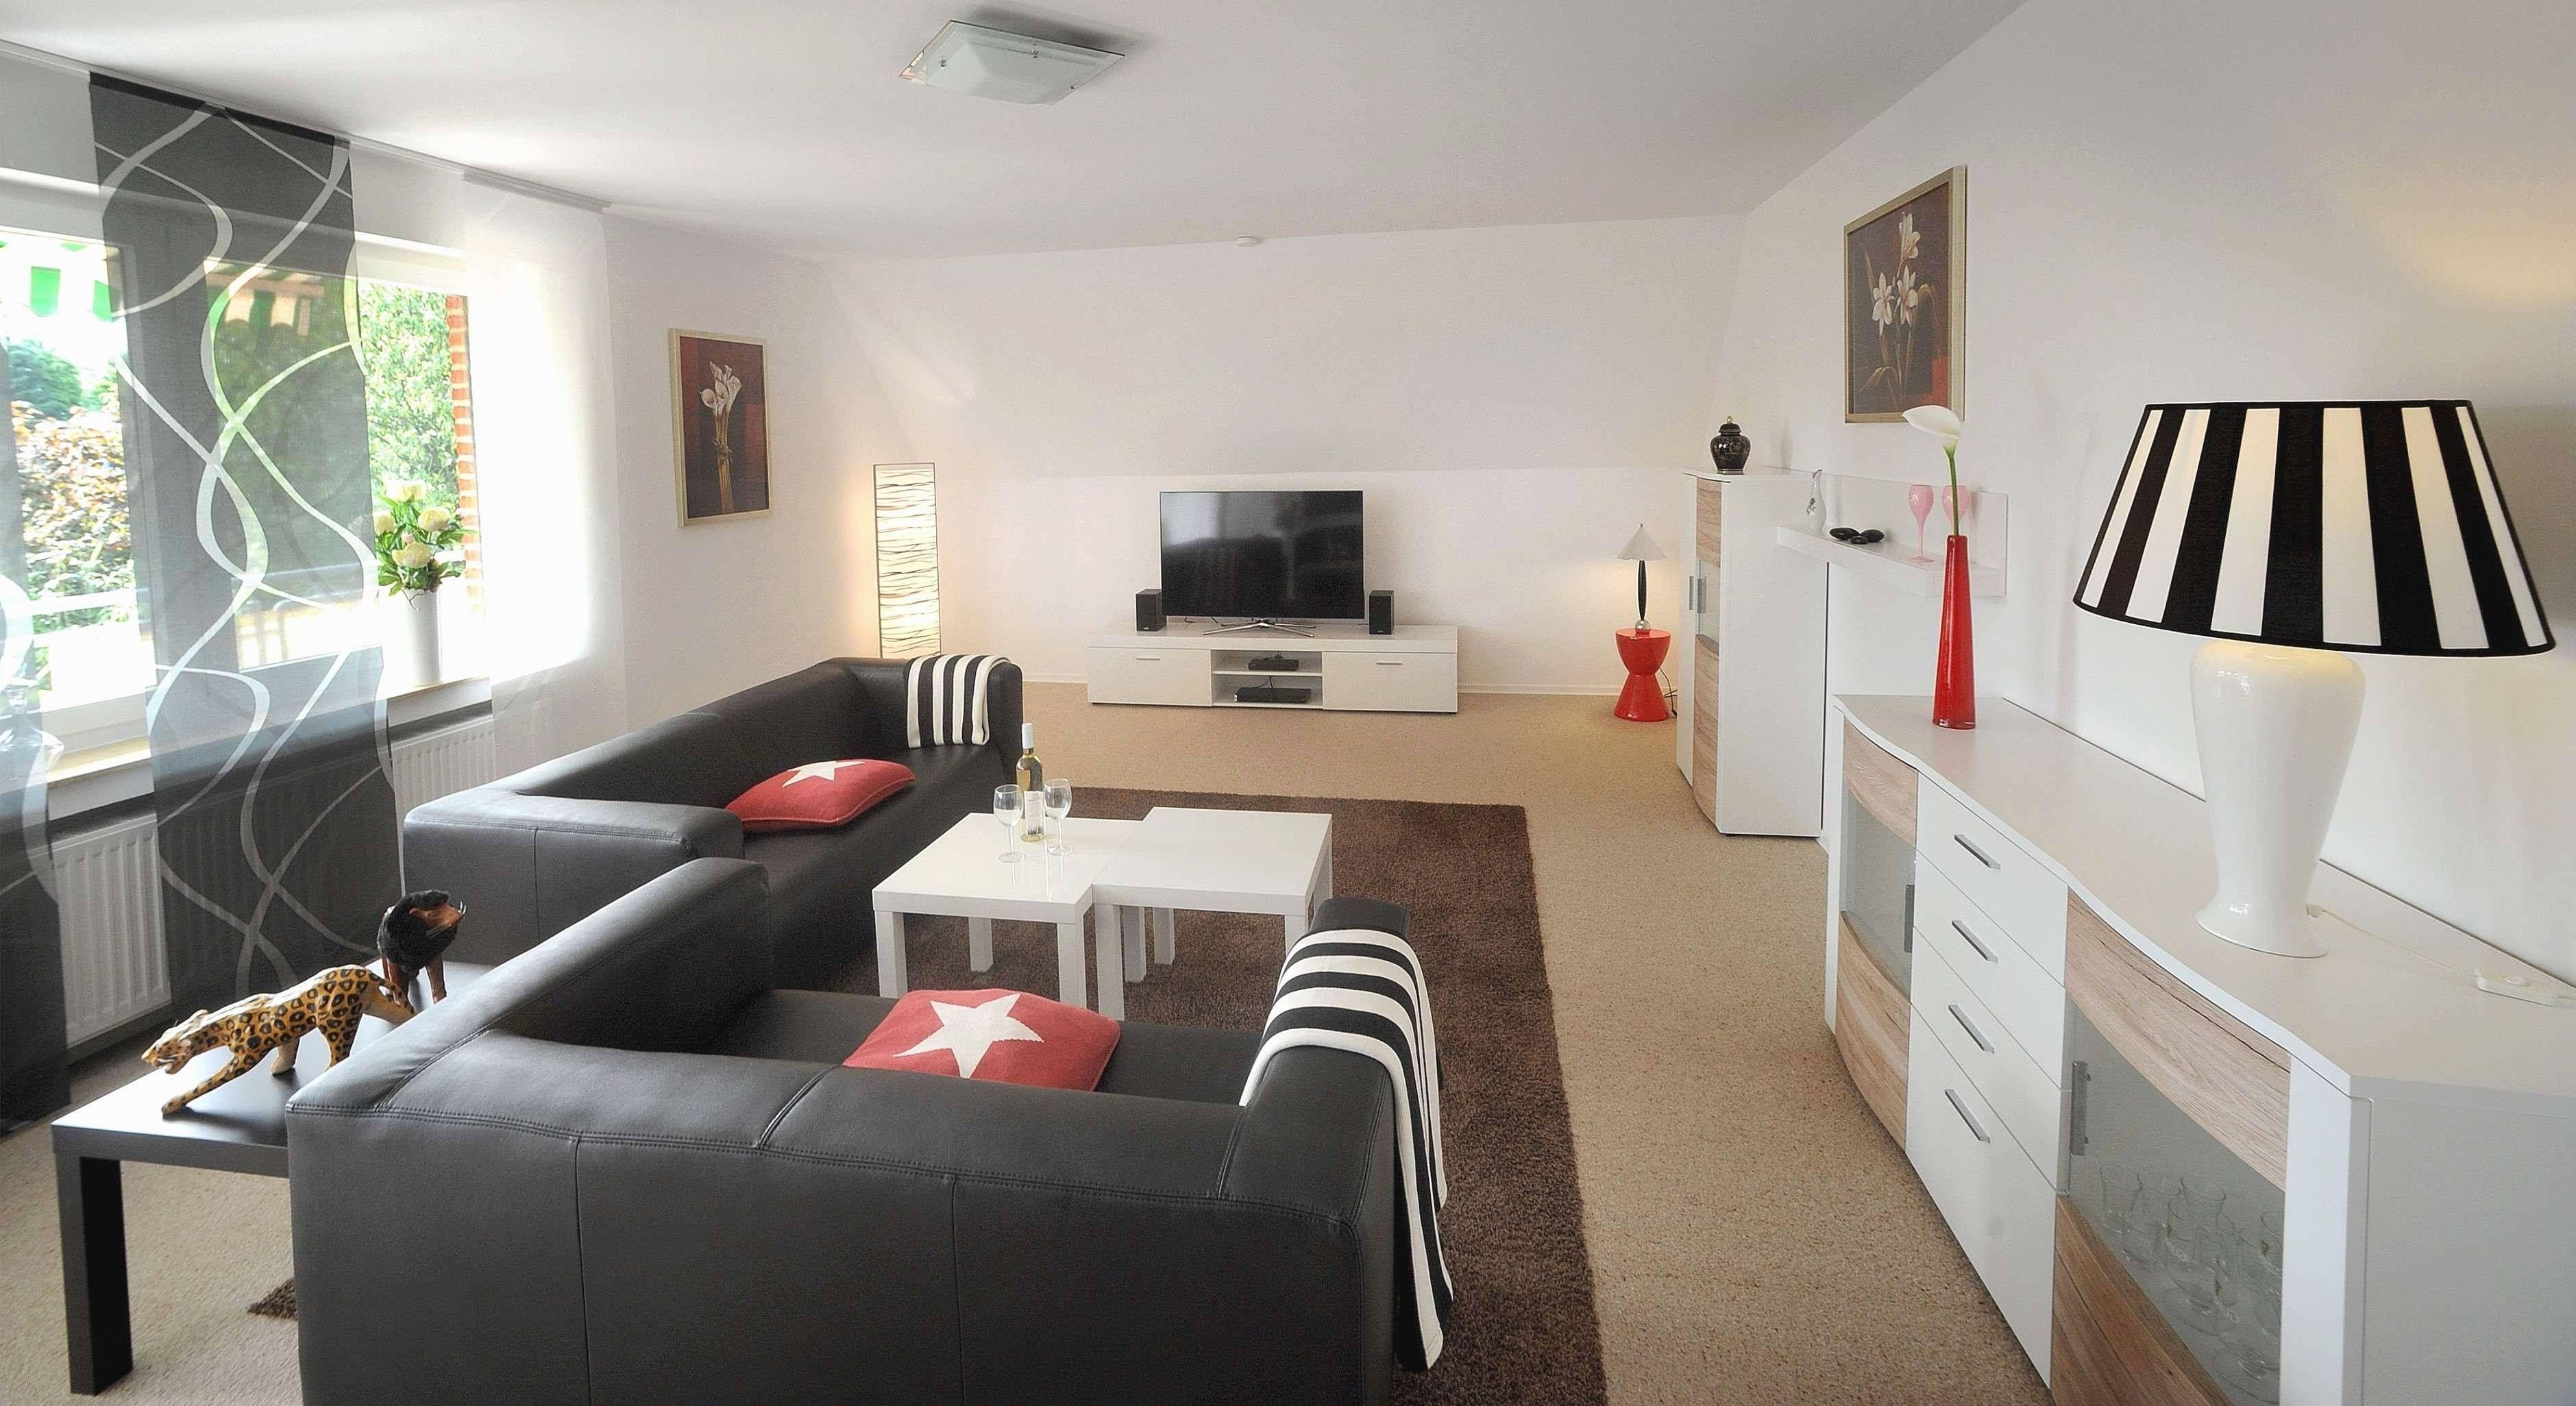 Wohnzimmer Design Farben Frisch  Living room design colour